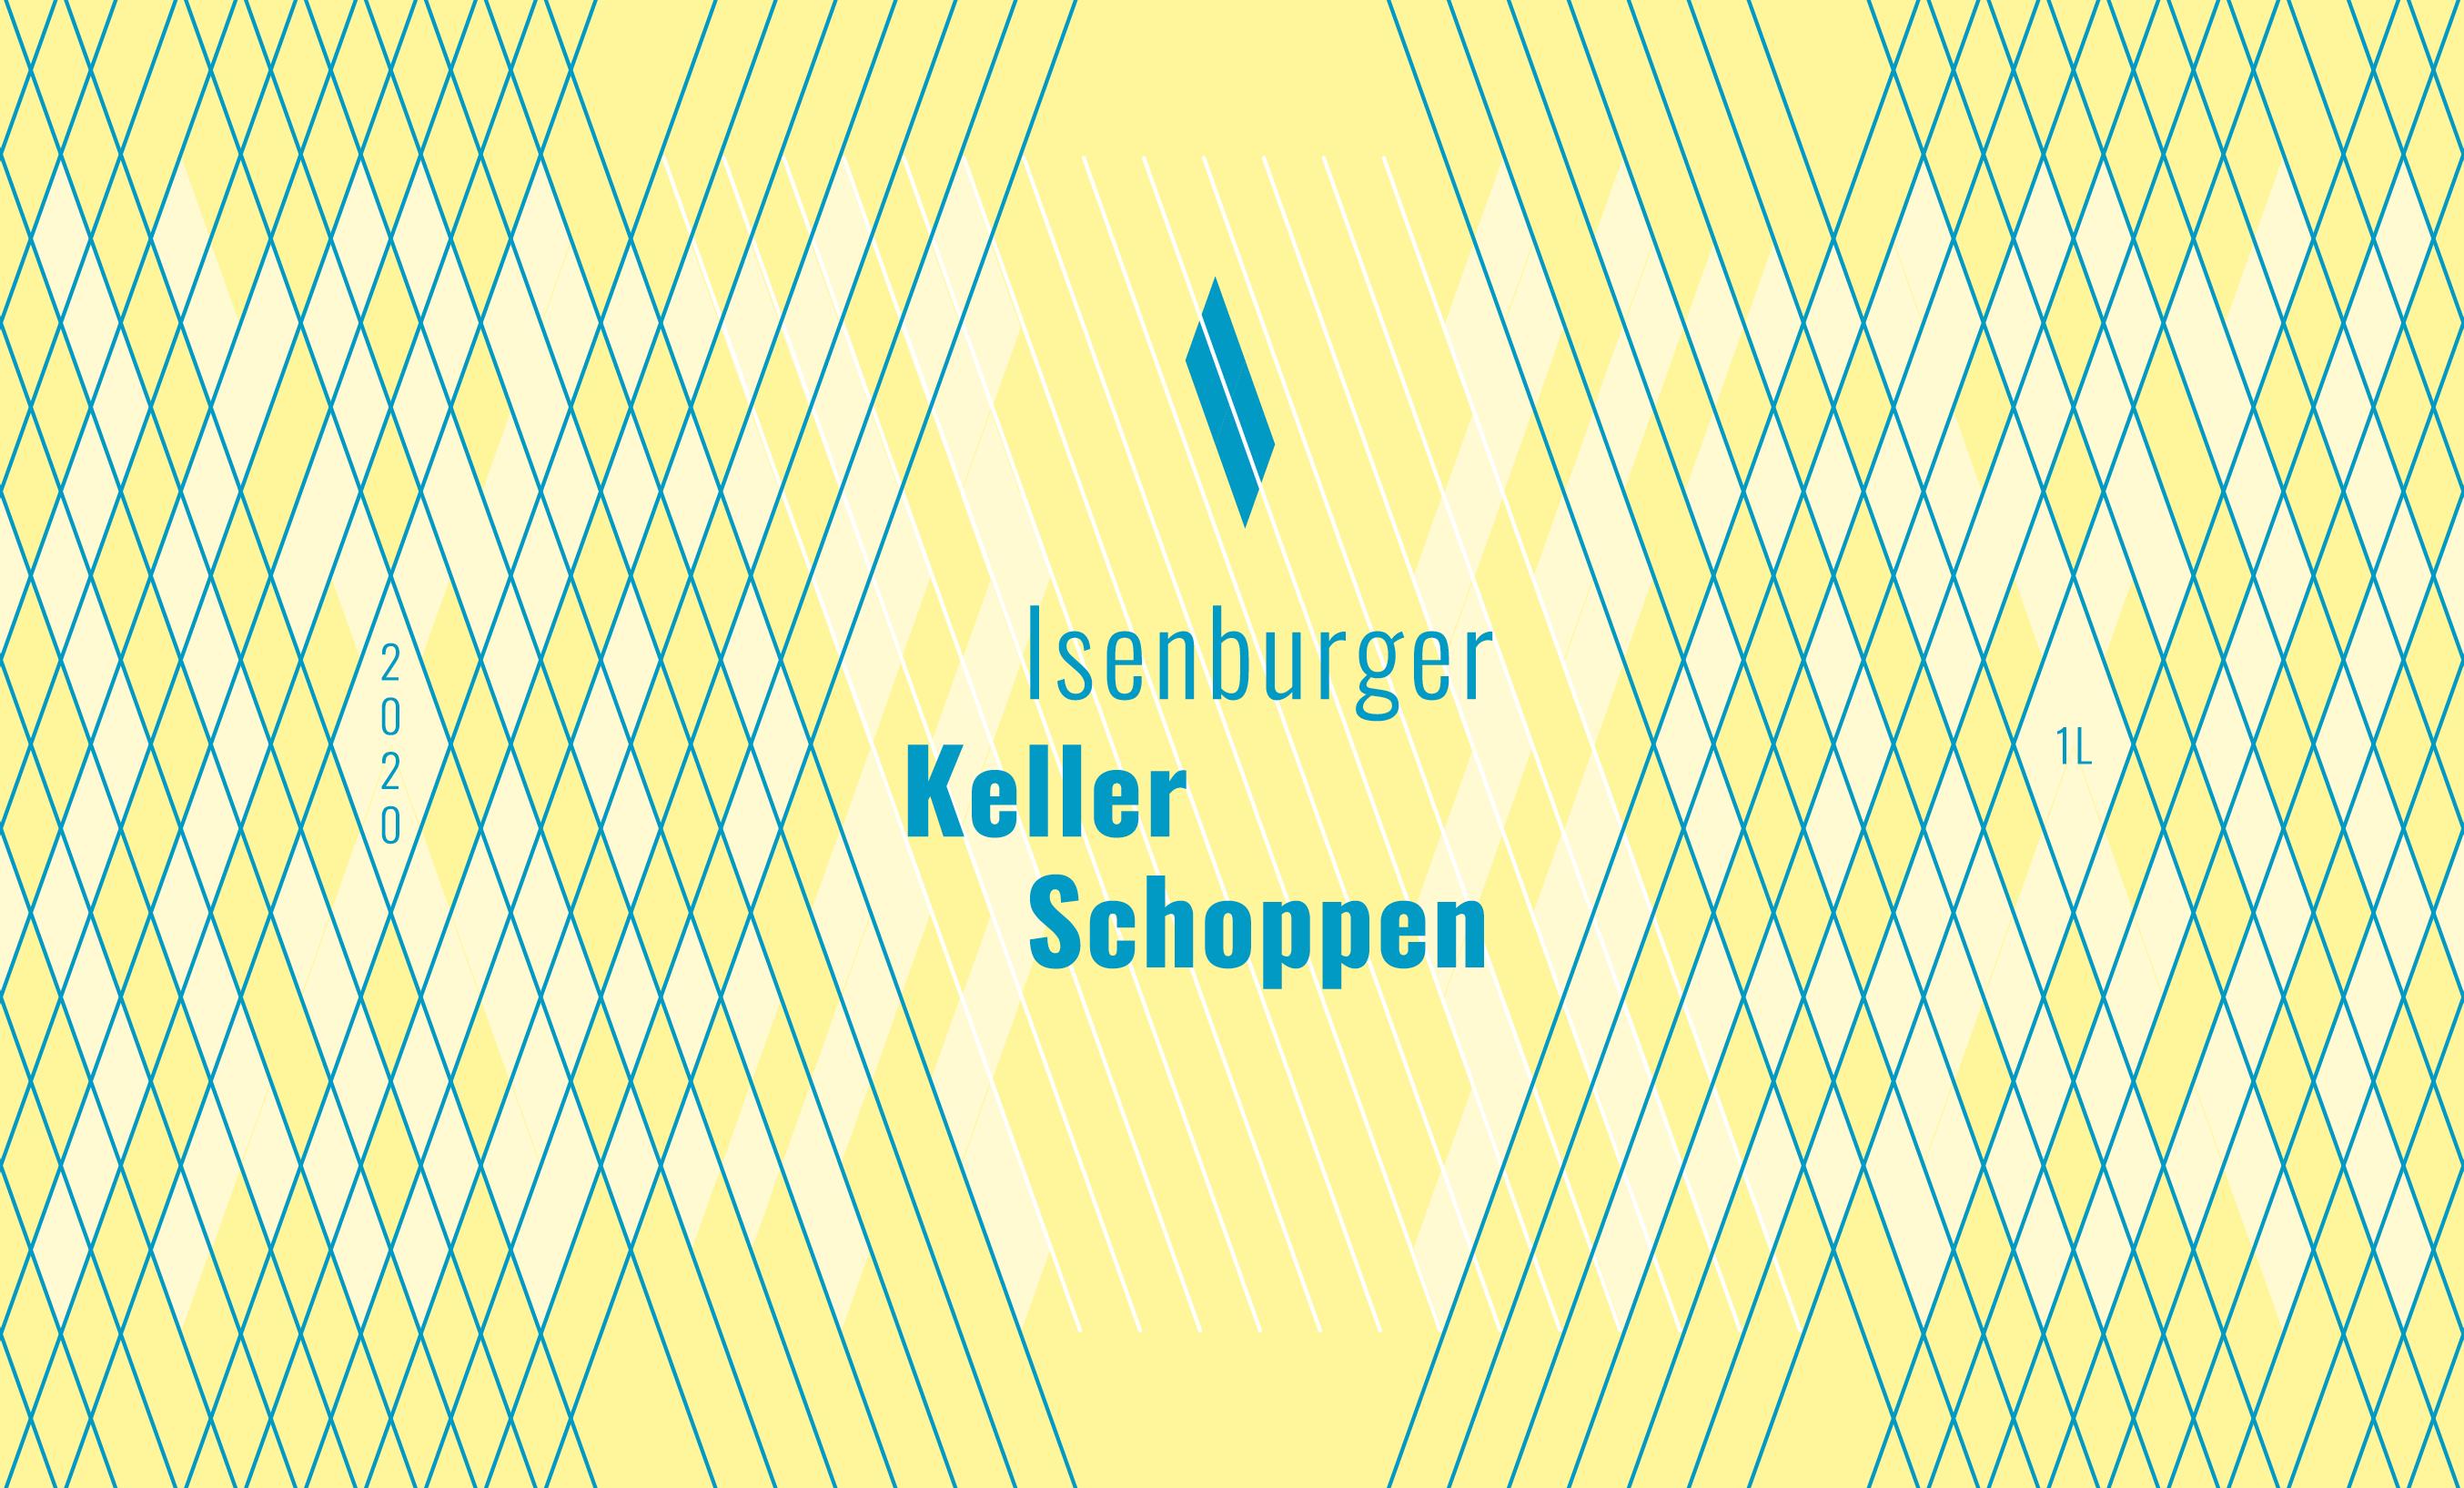 Isenburger_Schoppen_Etikett_210102